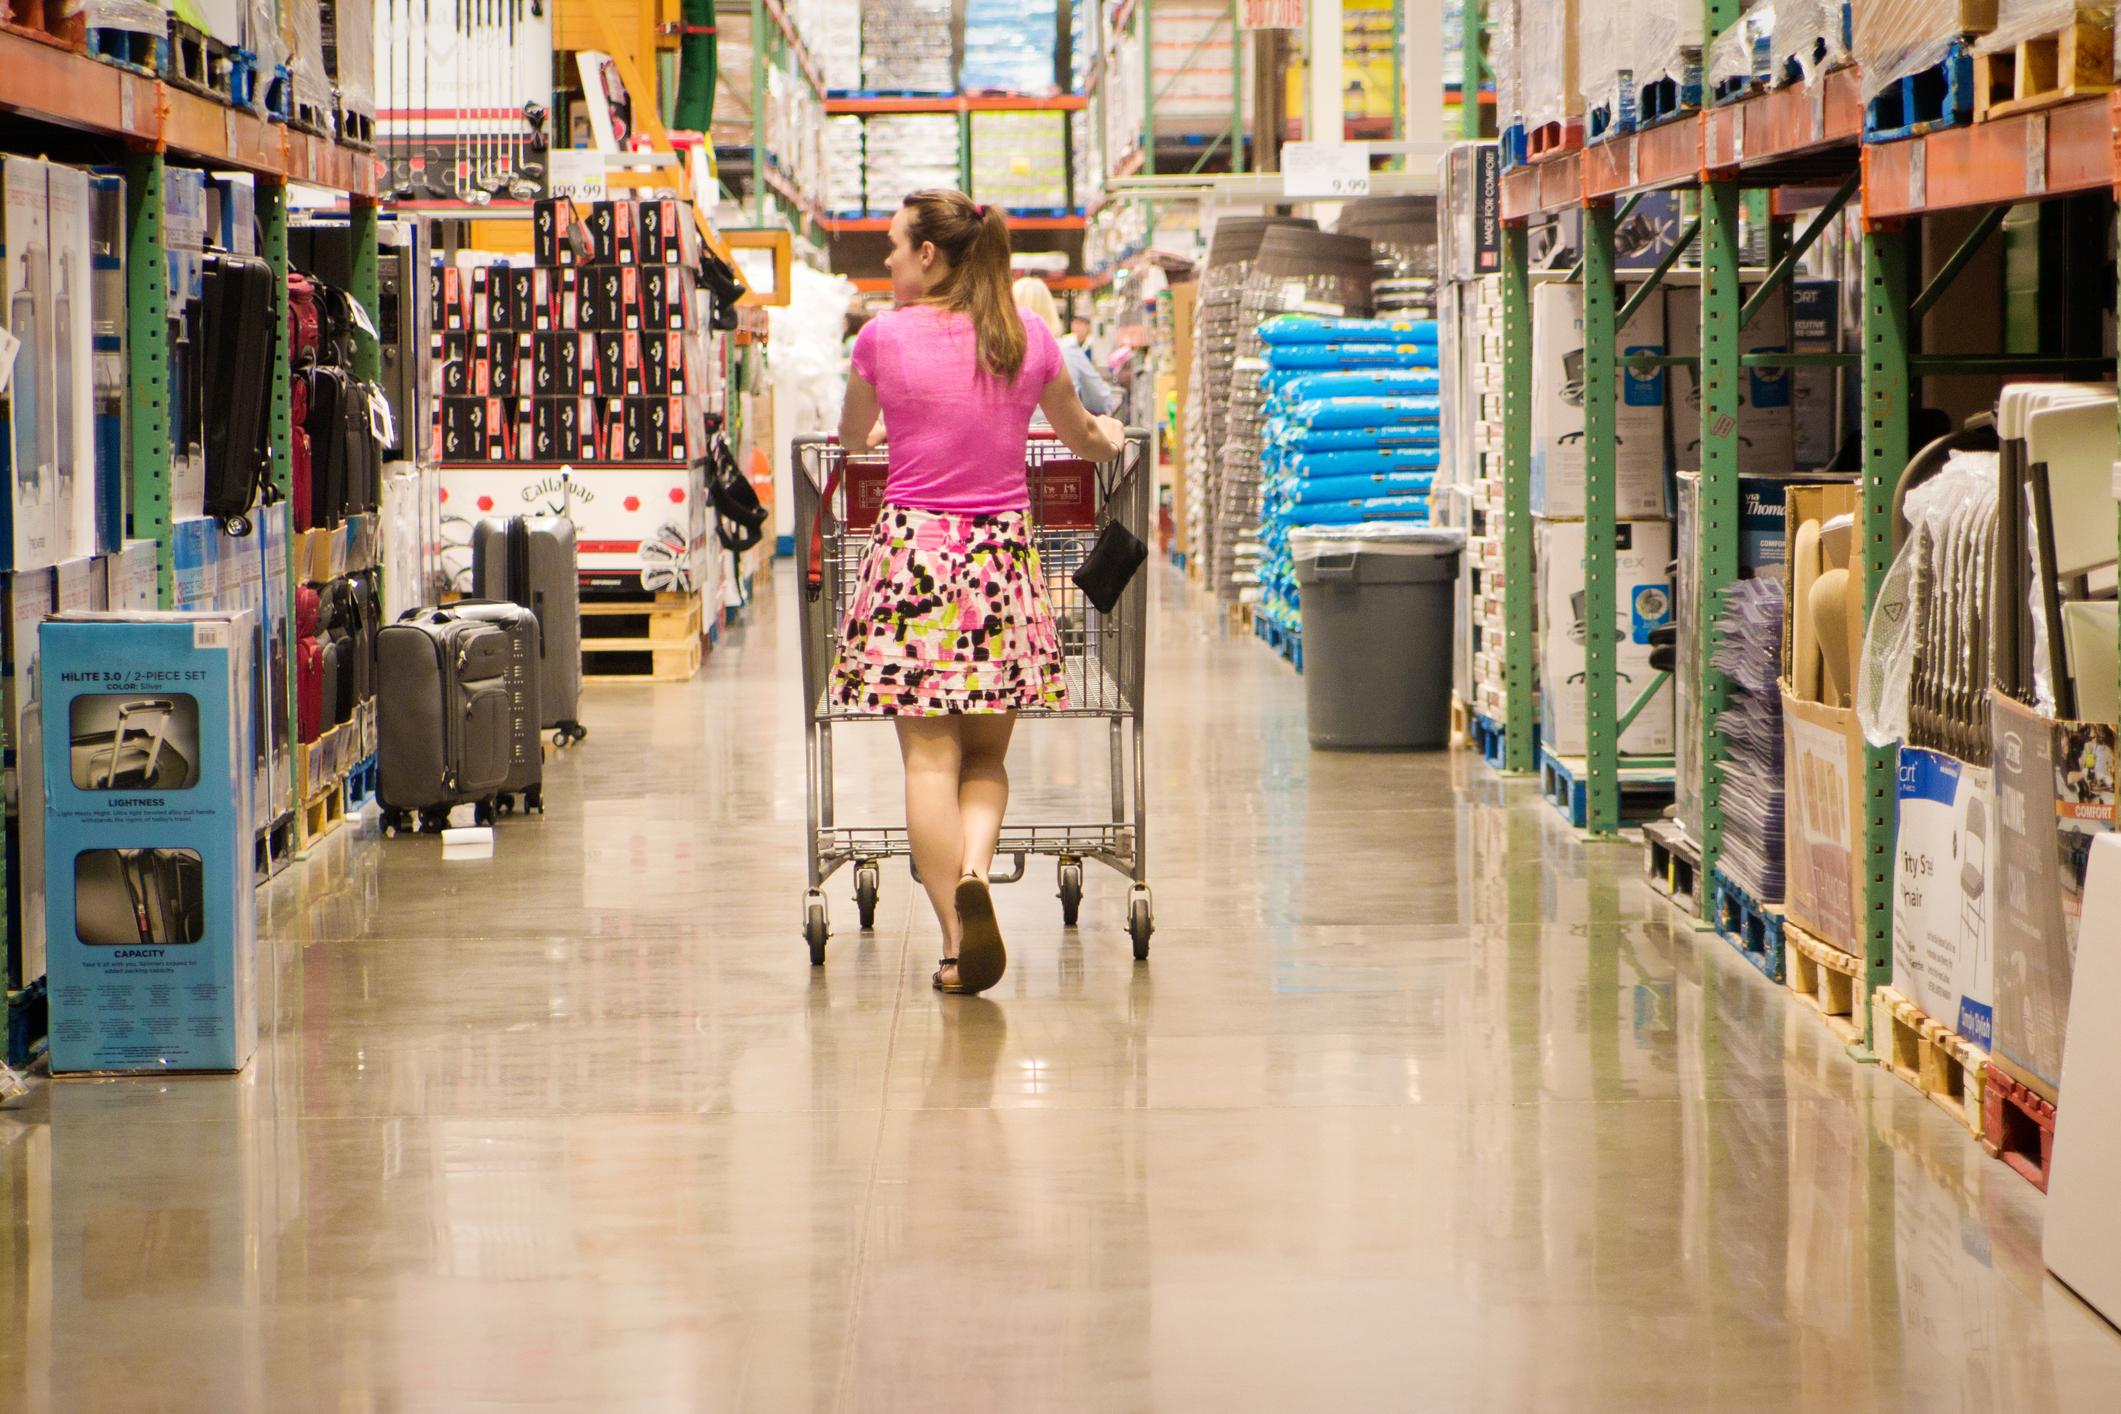 A customer walks through a warehouse aisle.